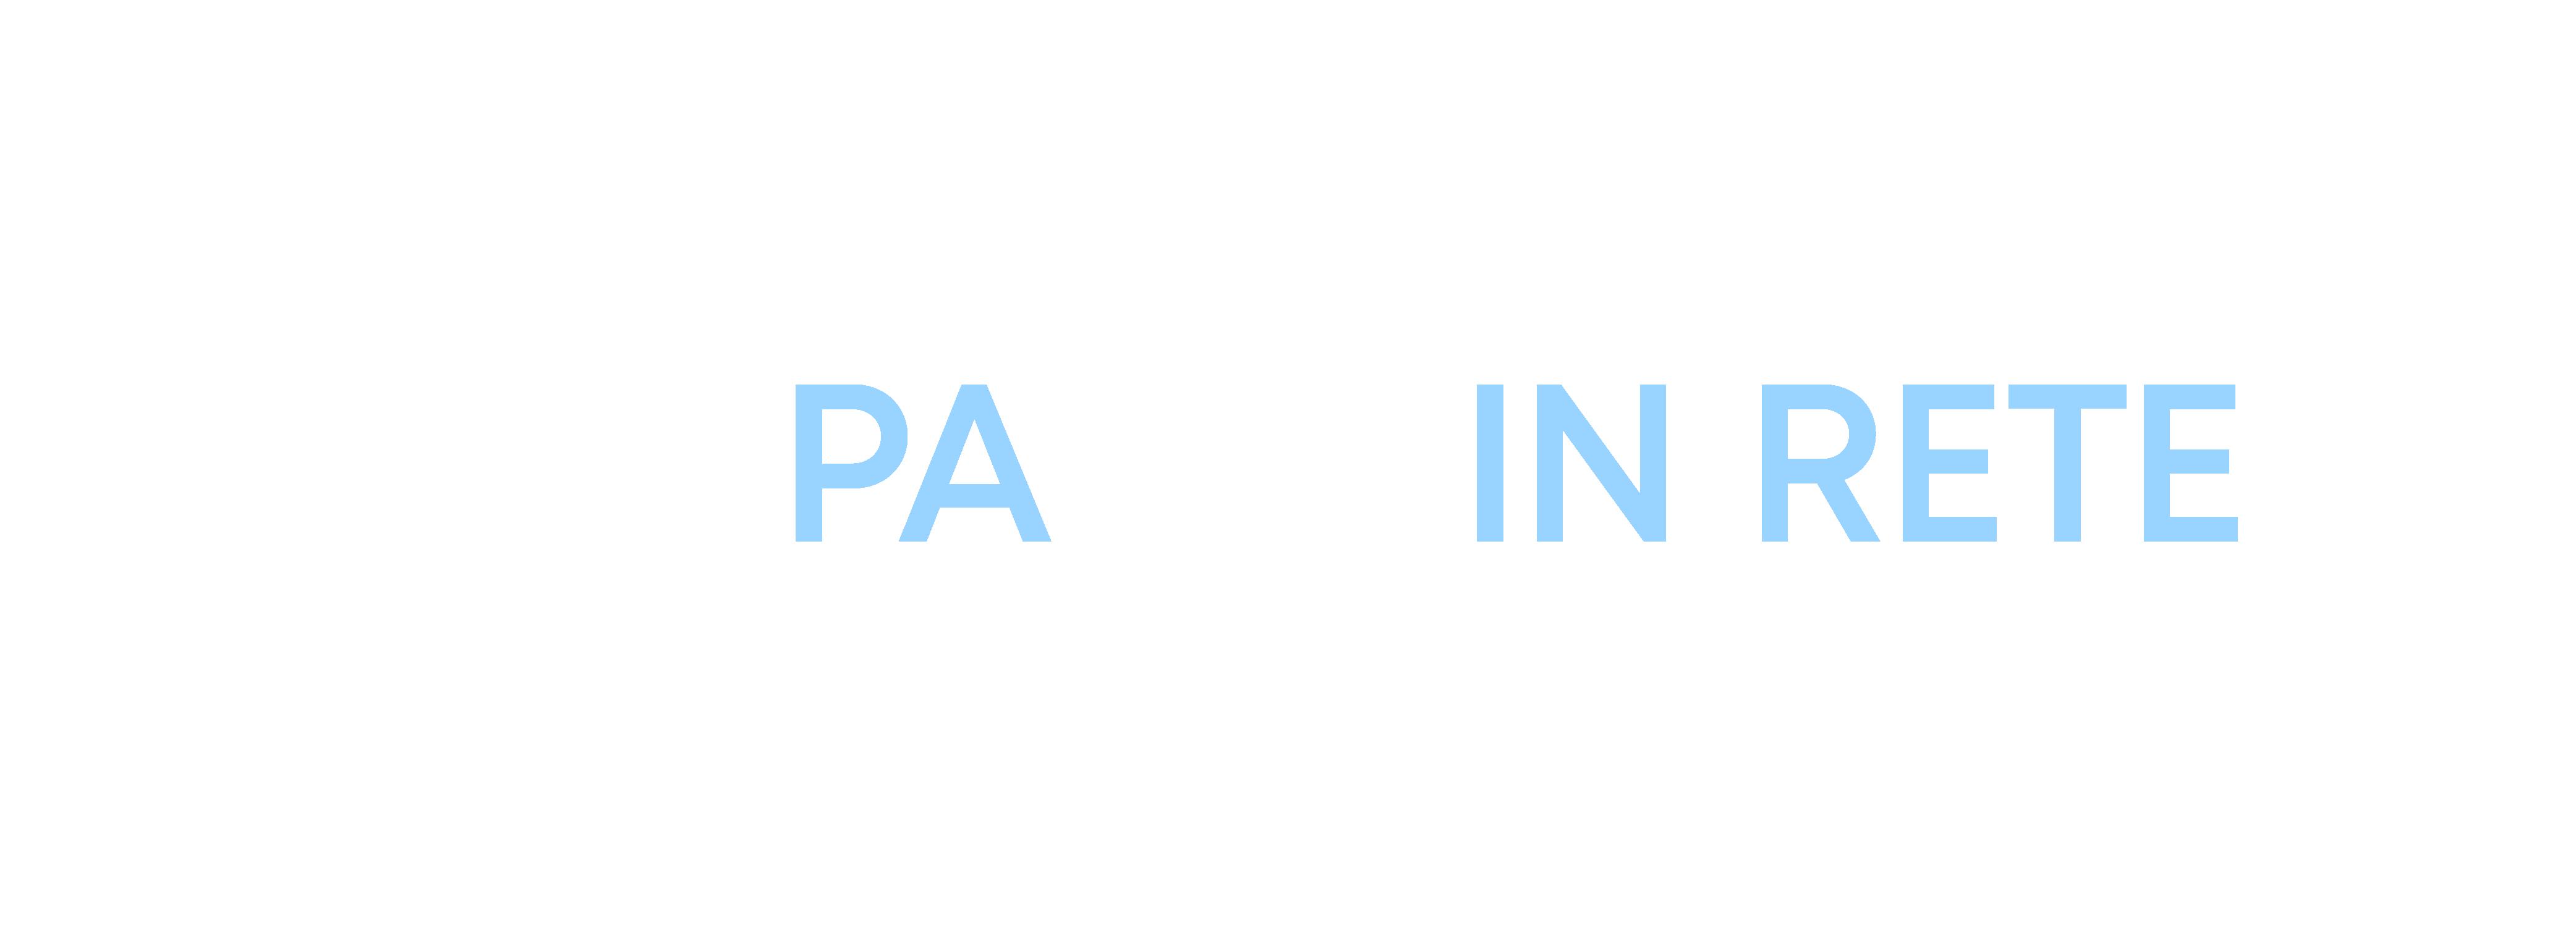 PAGO-IN-RETE 2021